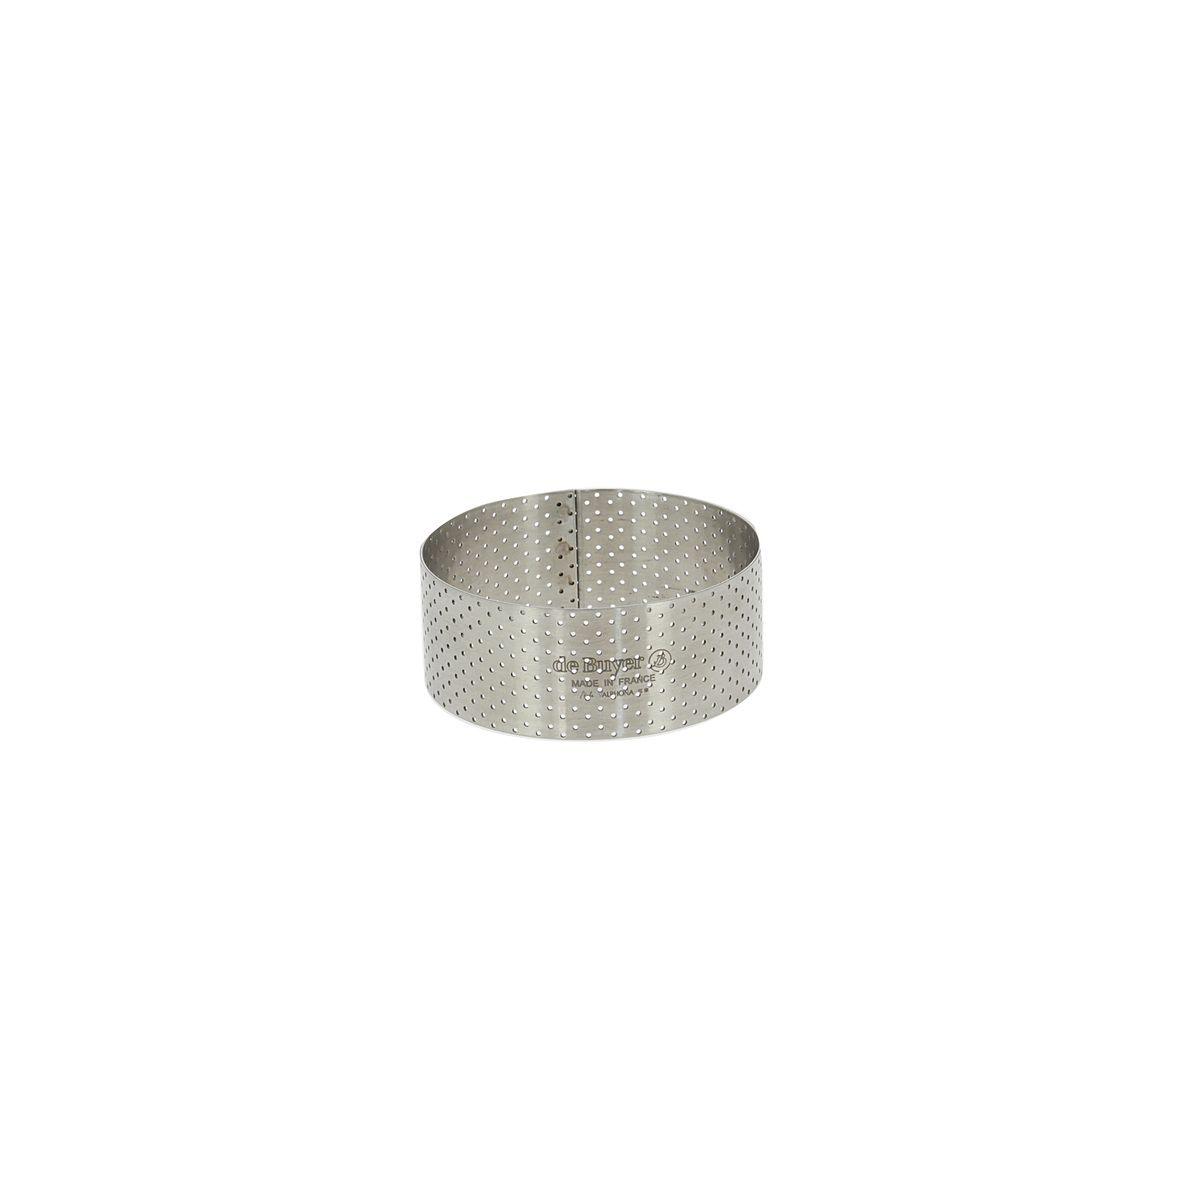 Cercle à tartelette haut en inox perforé 7,5 x 3,5 cm - De Buyer